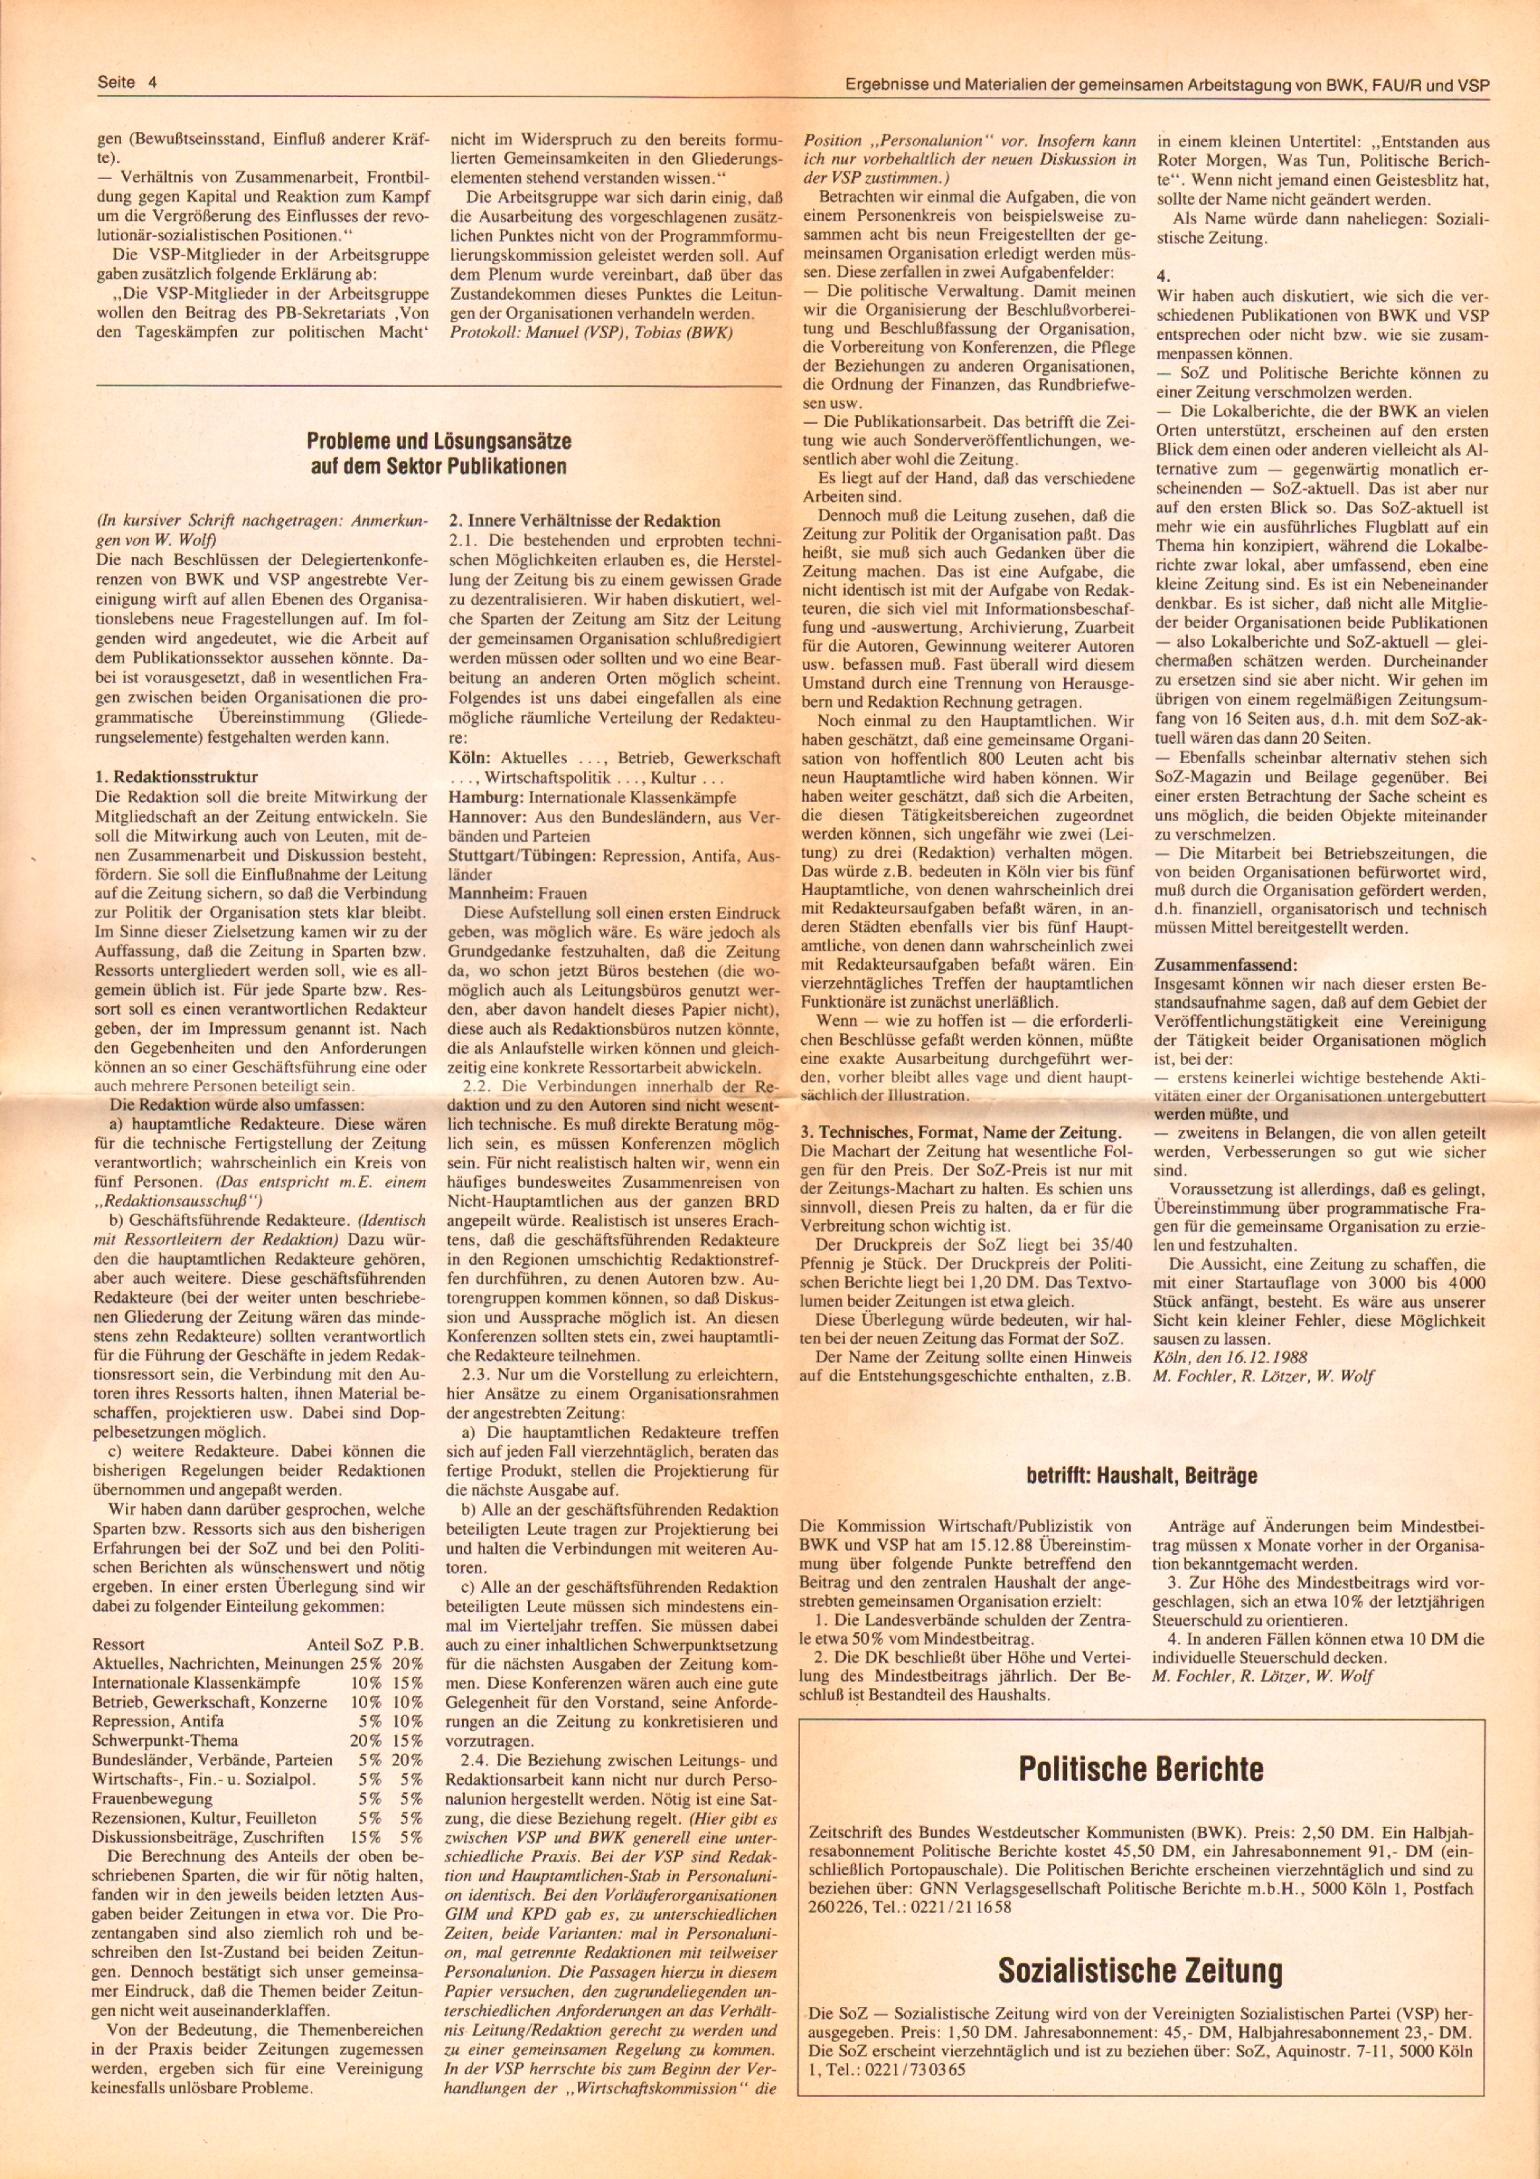 Gemeinsame_Arbeitstagung_1988_04